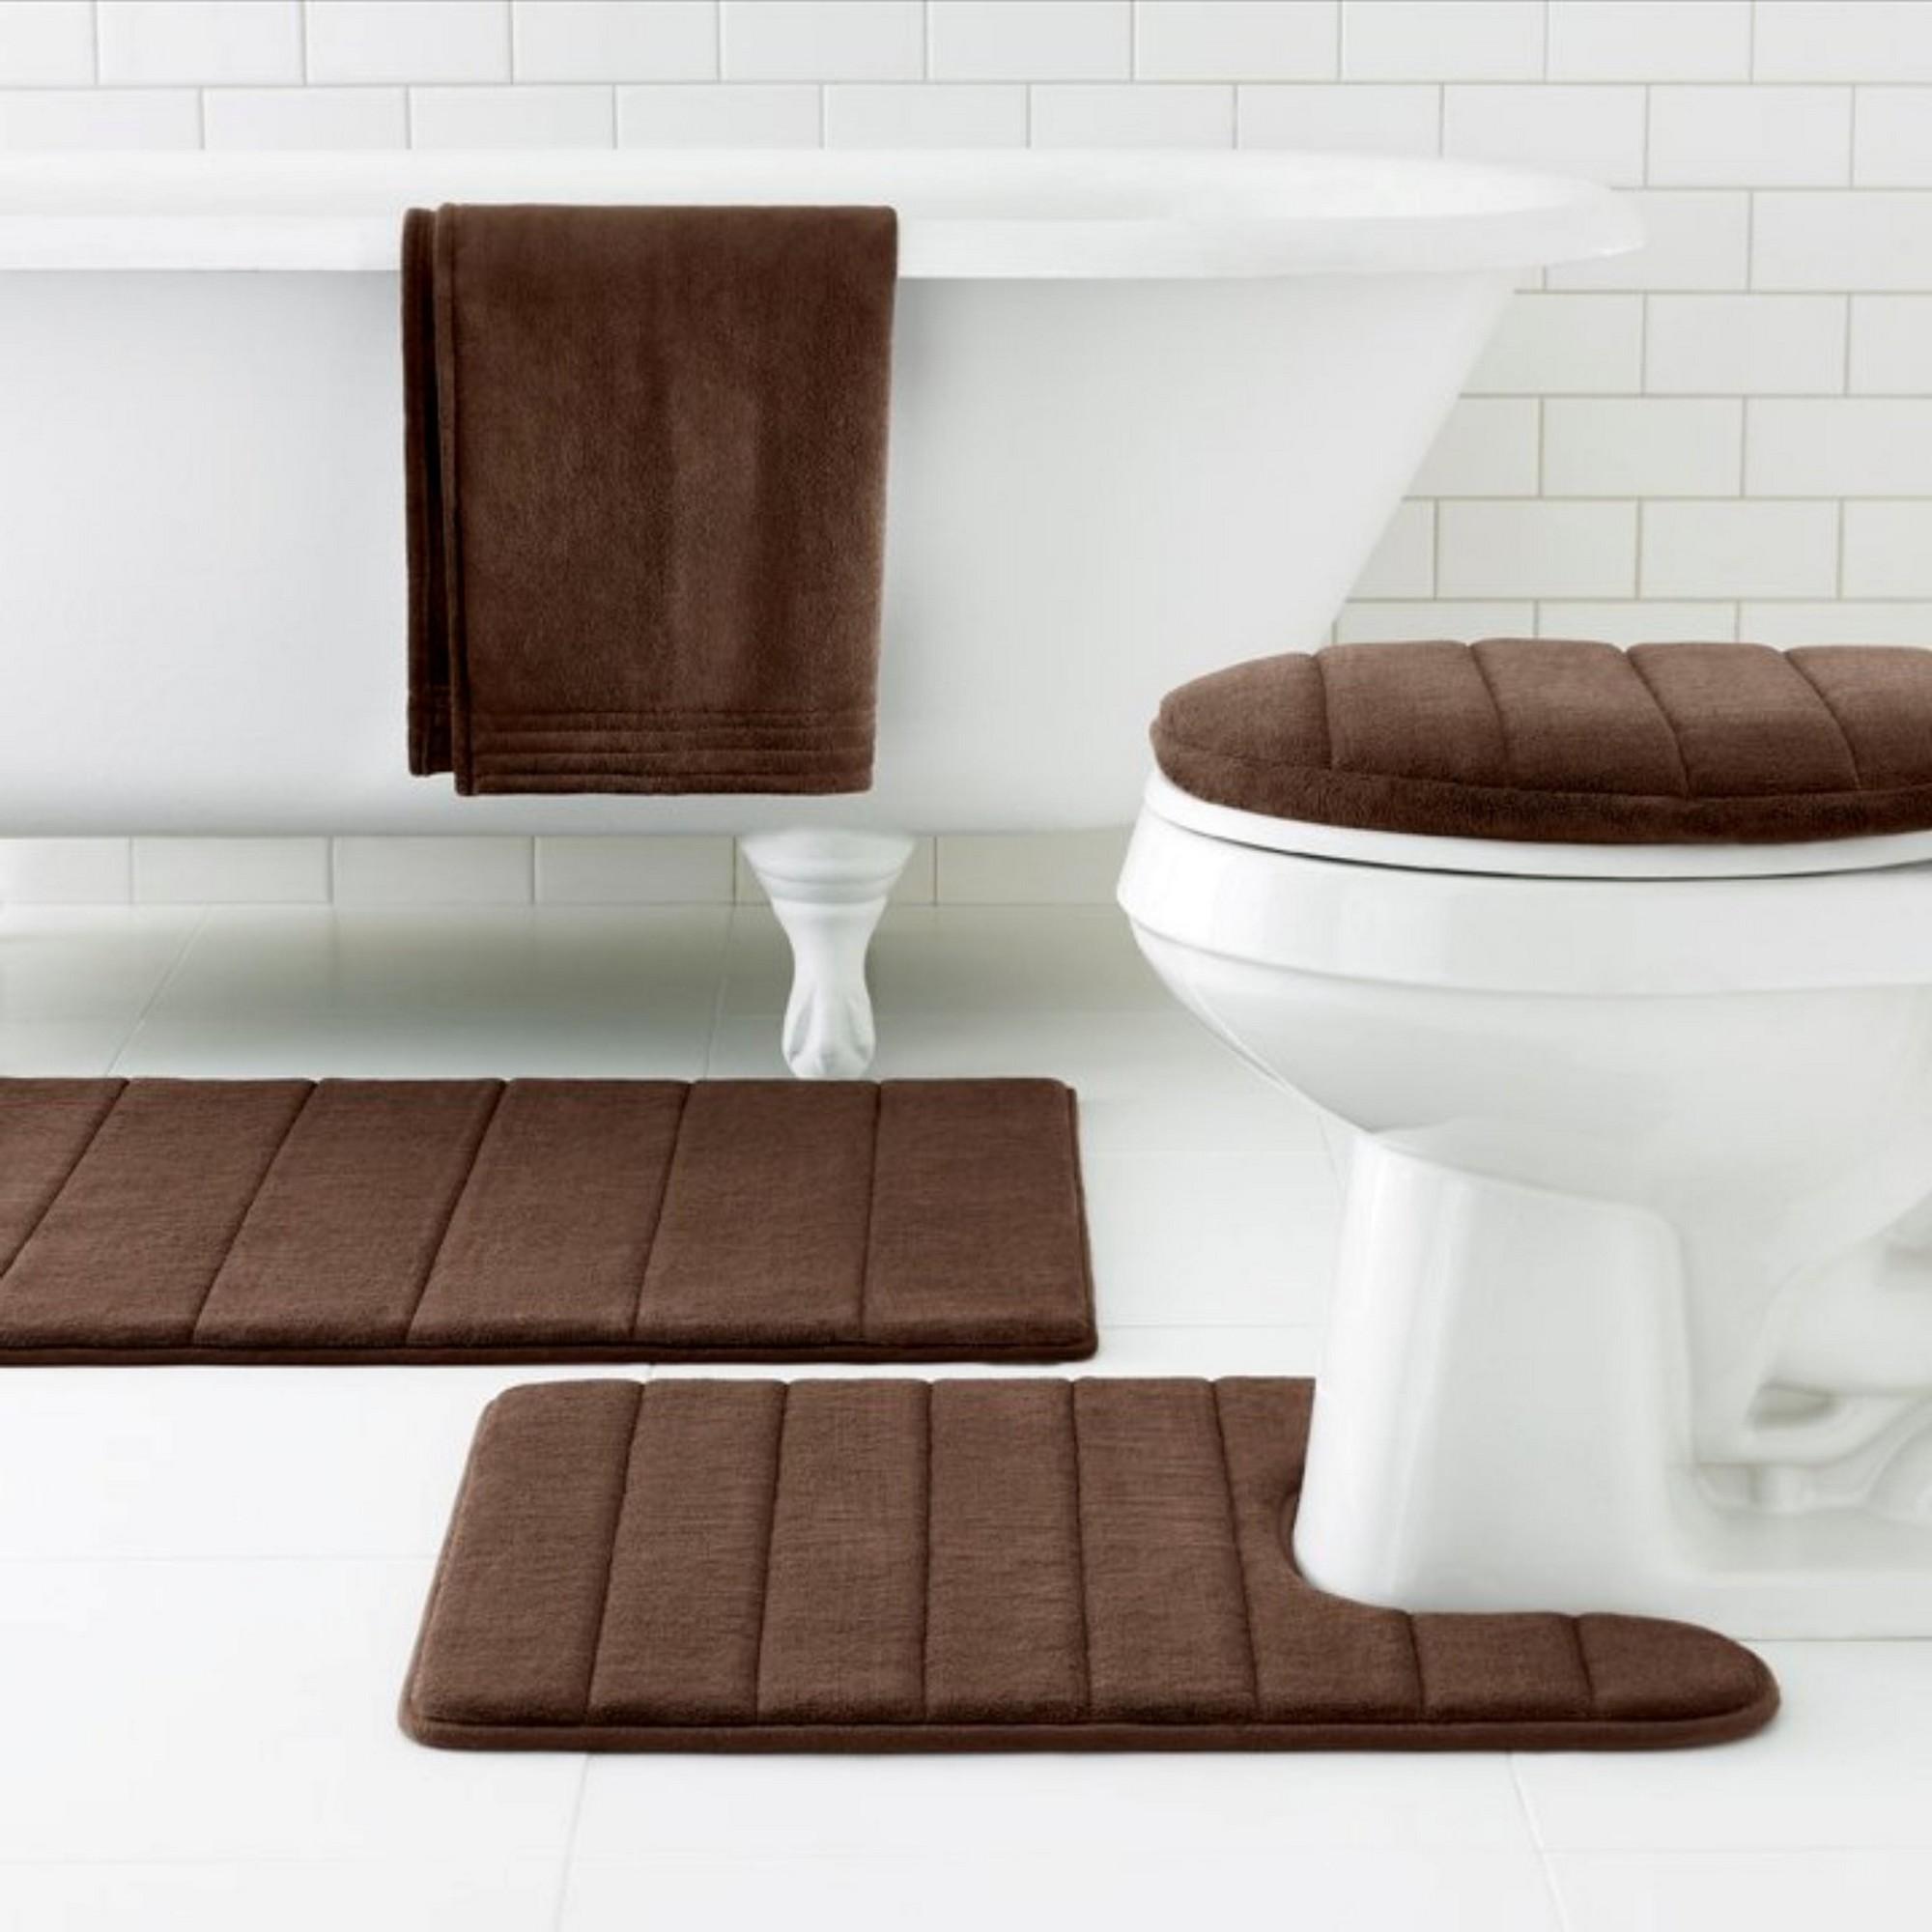 Сиденье для унитаза с покрытием